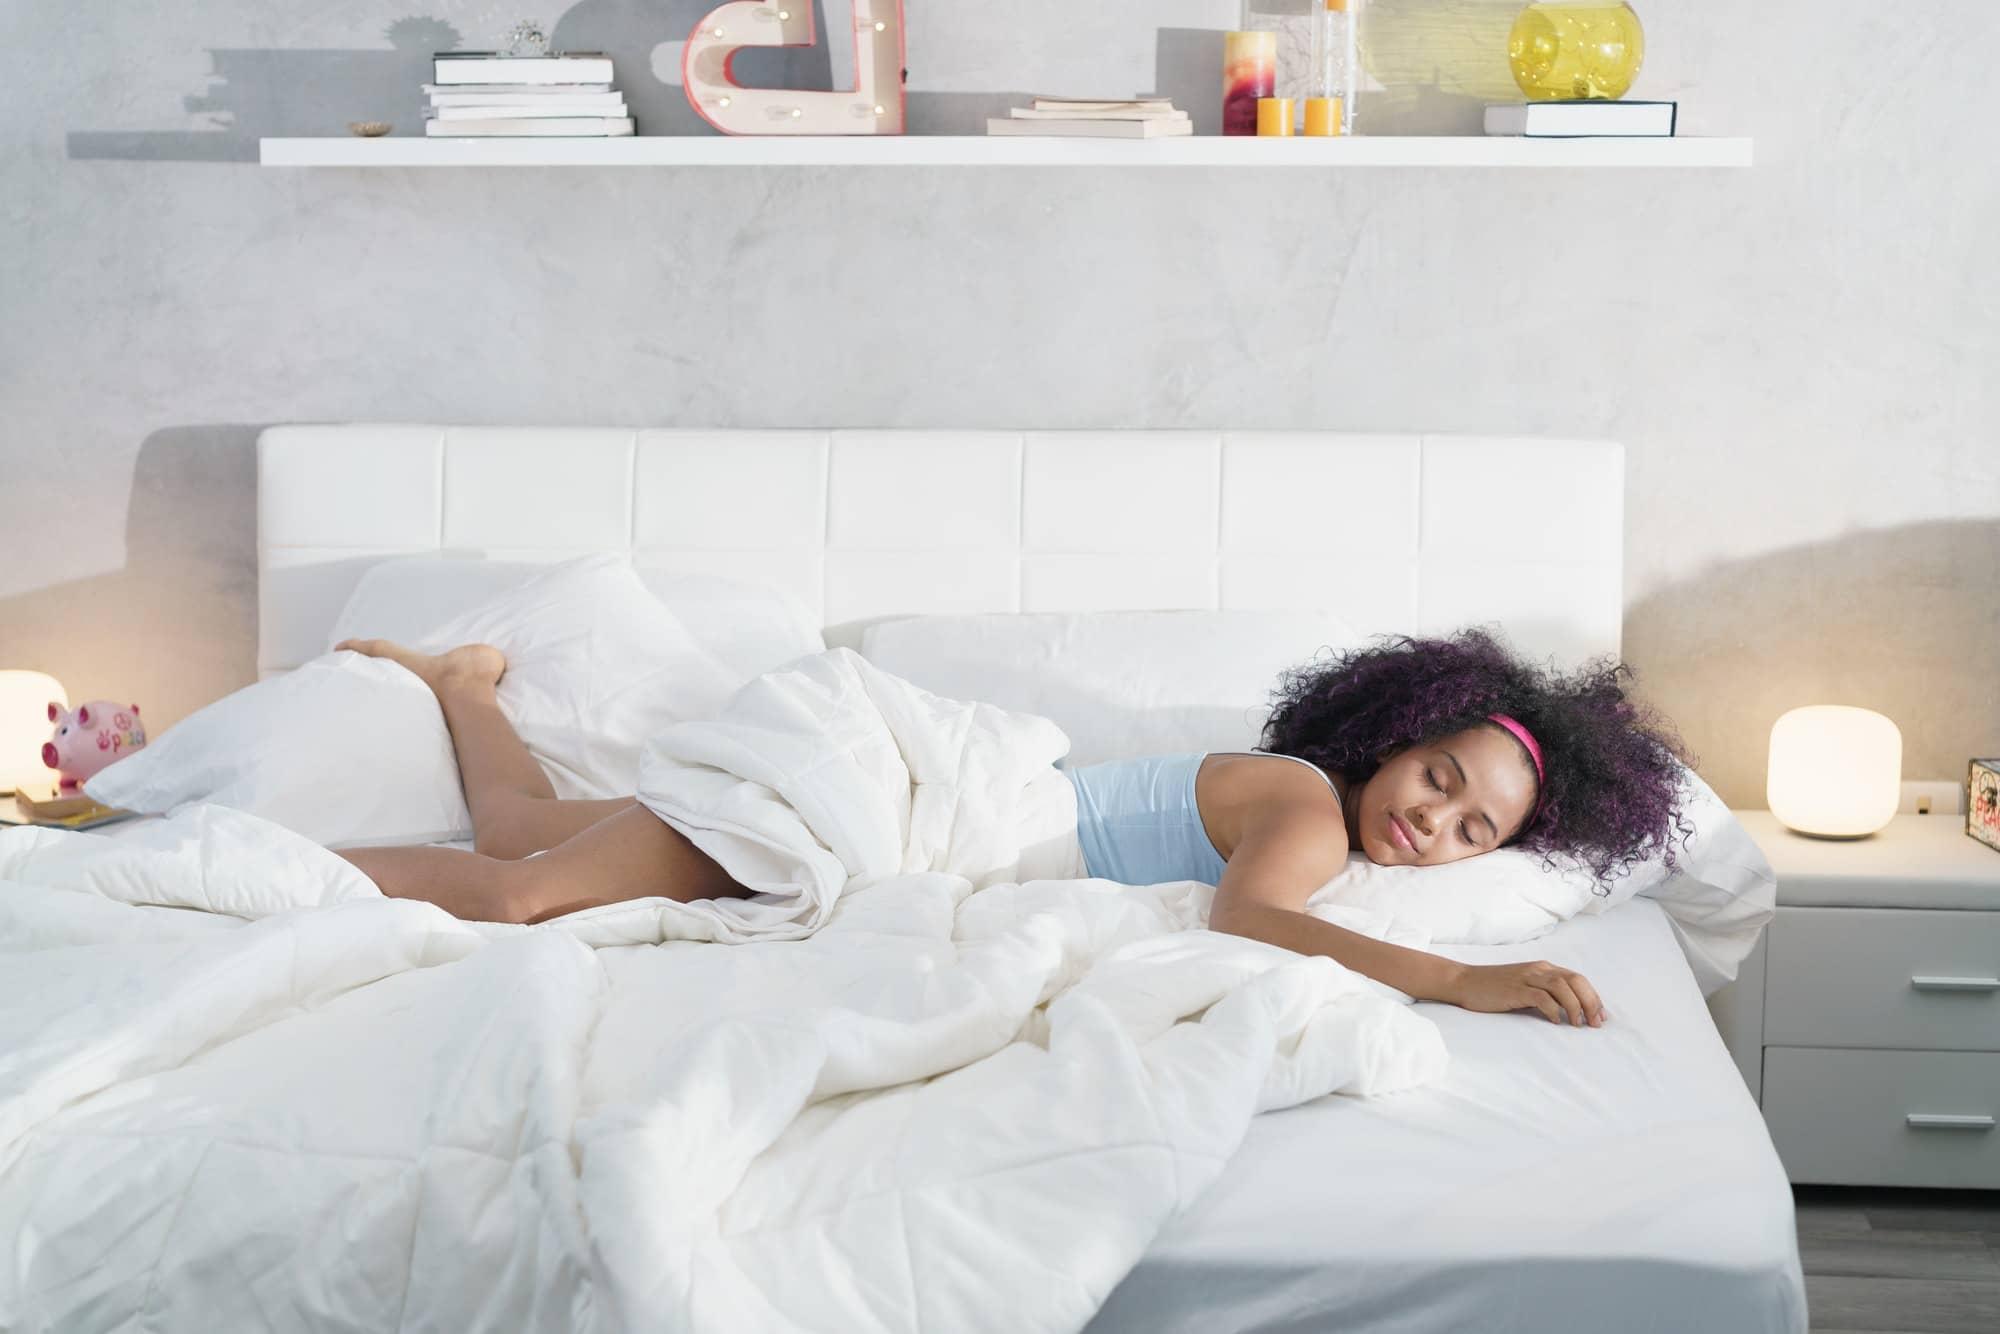 Les secrets d'un bon sommeil anform magazine santé bien-être